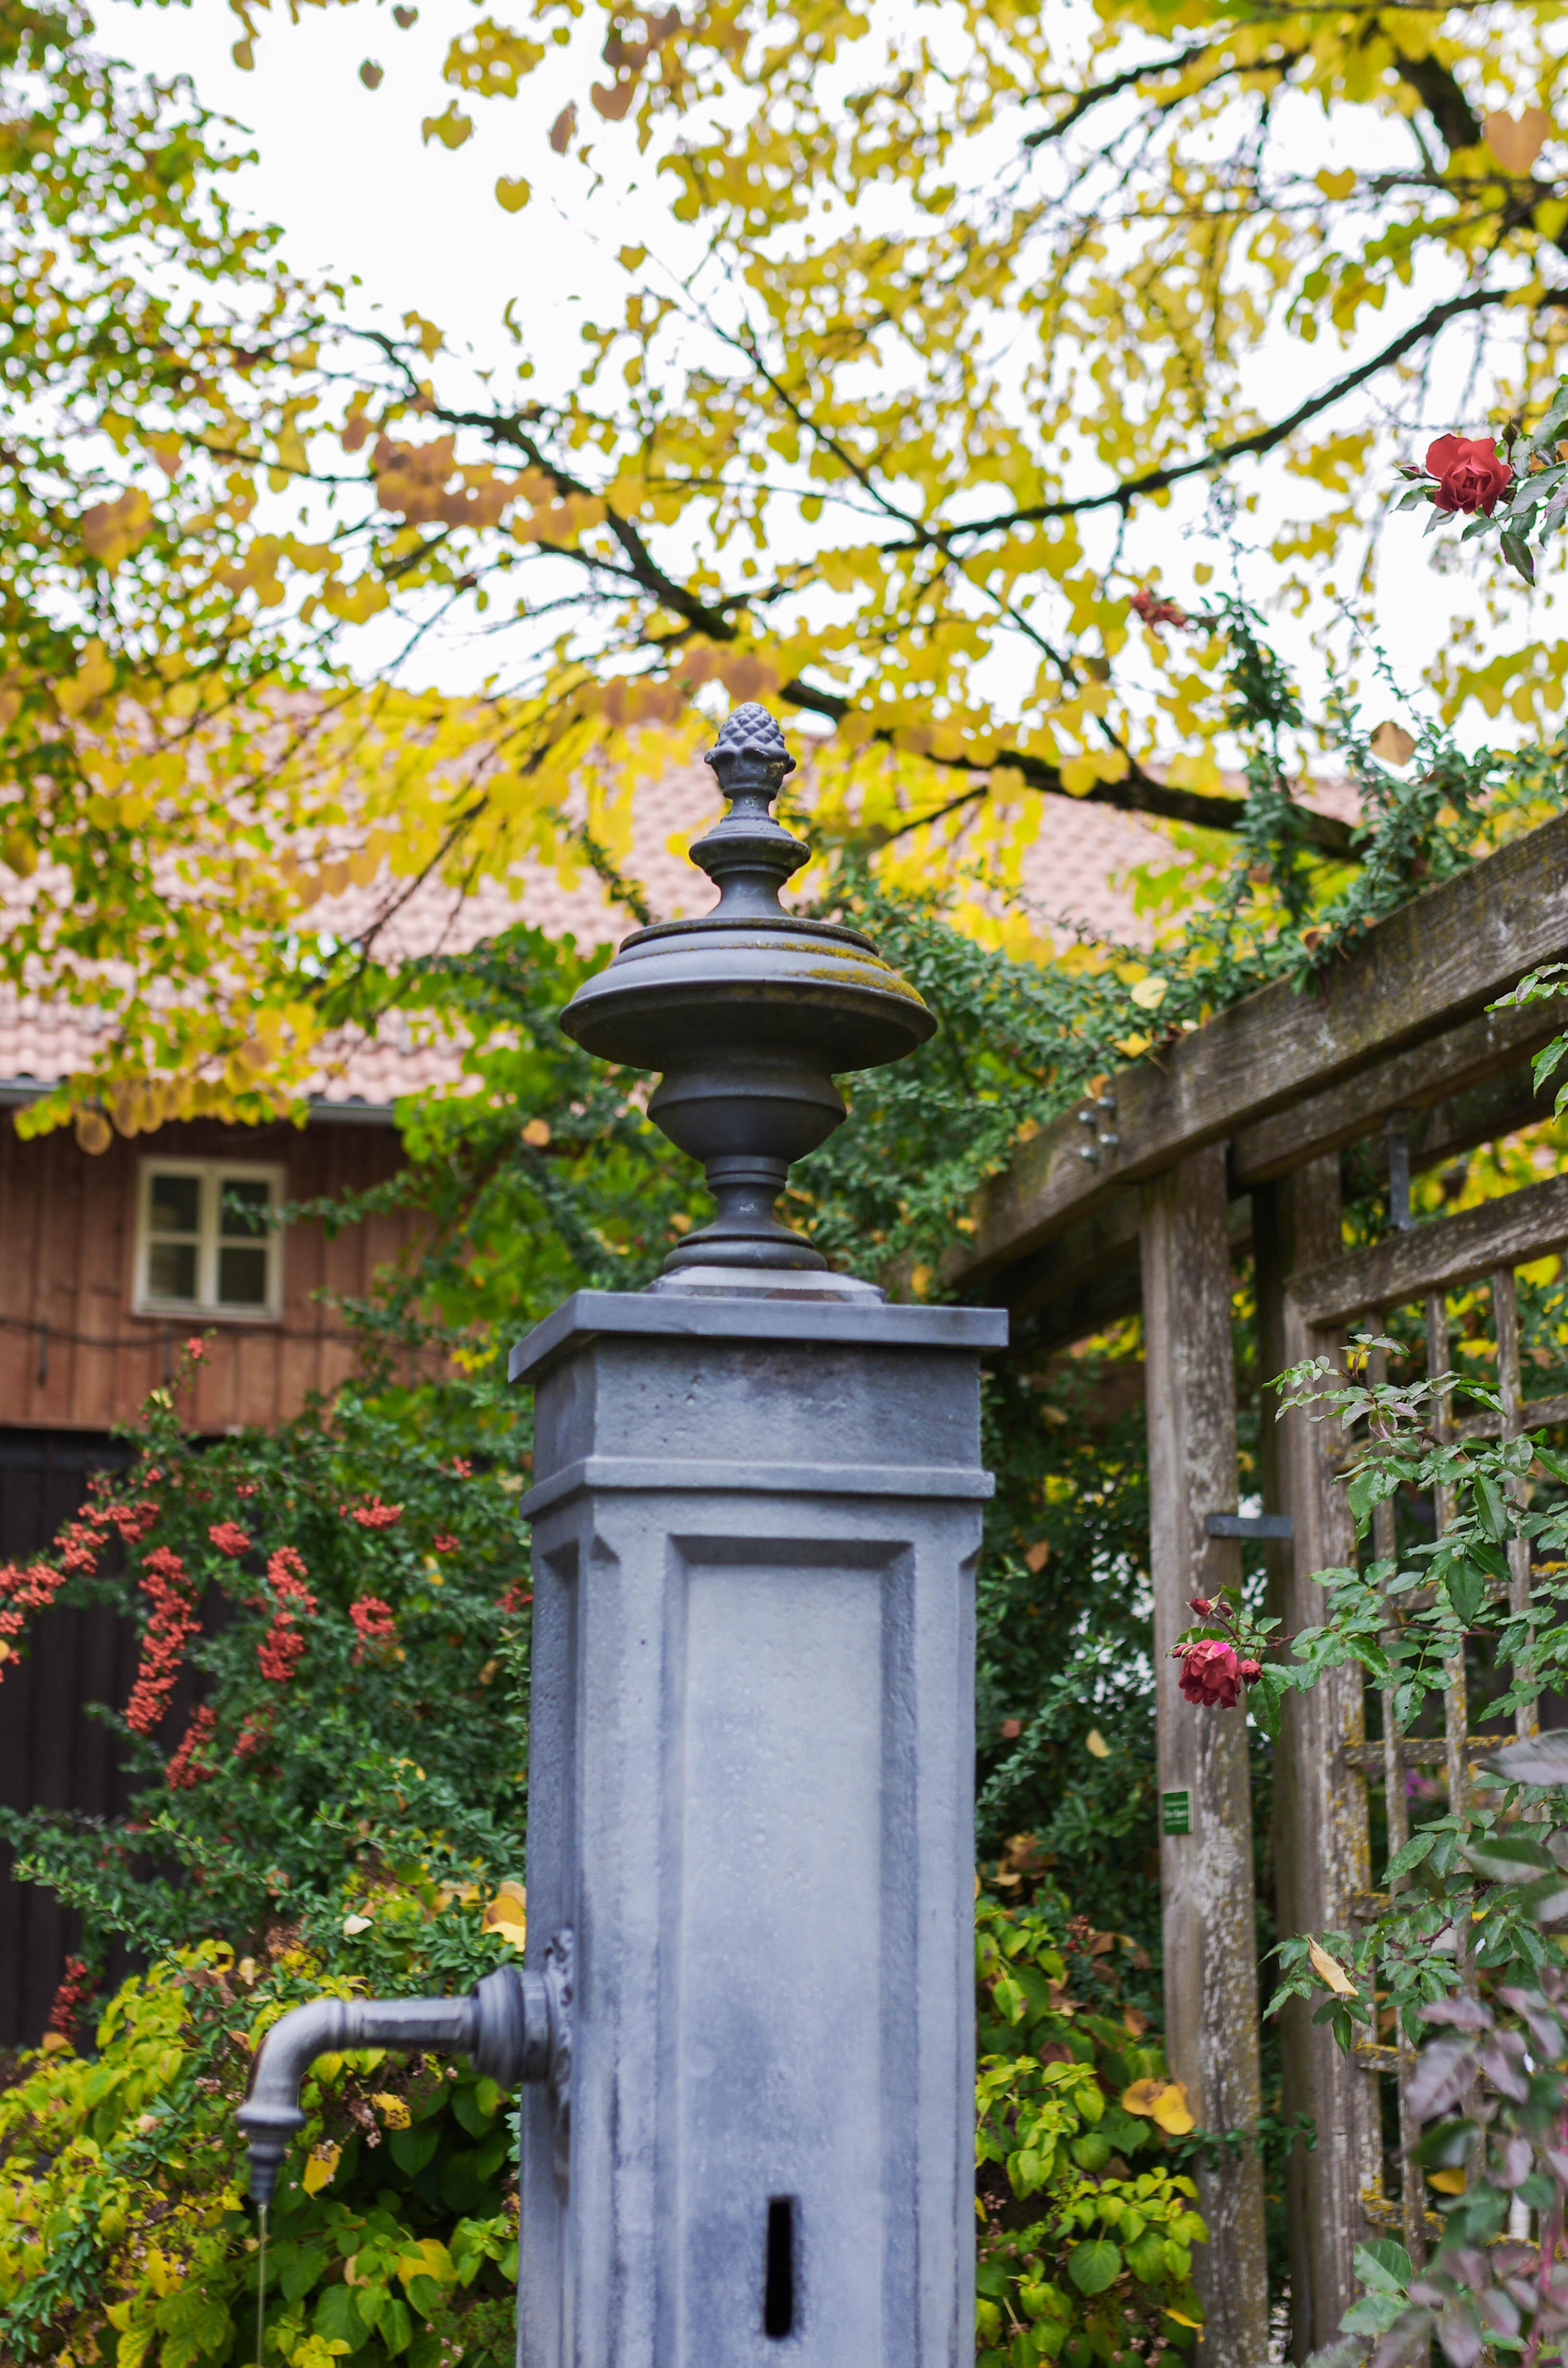 Filebrunnen Im Botanischen Garten Augsburg 008jpg Wikimedia